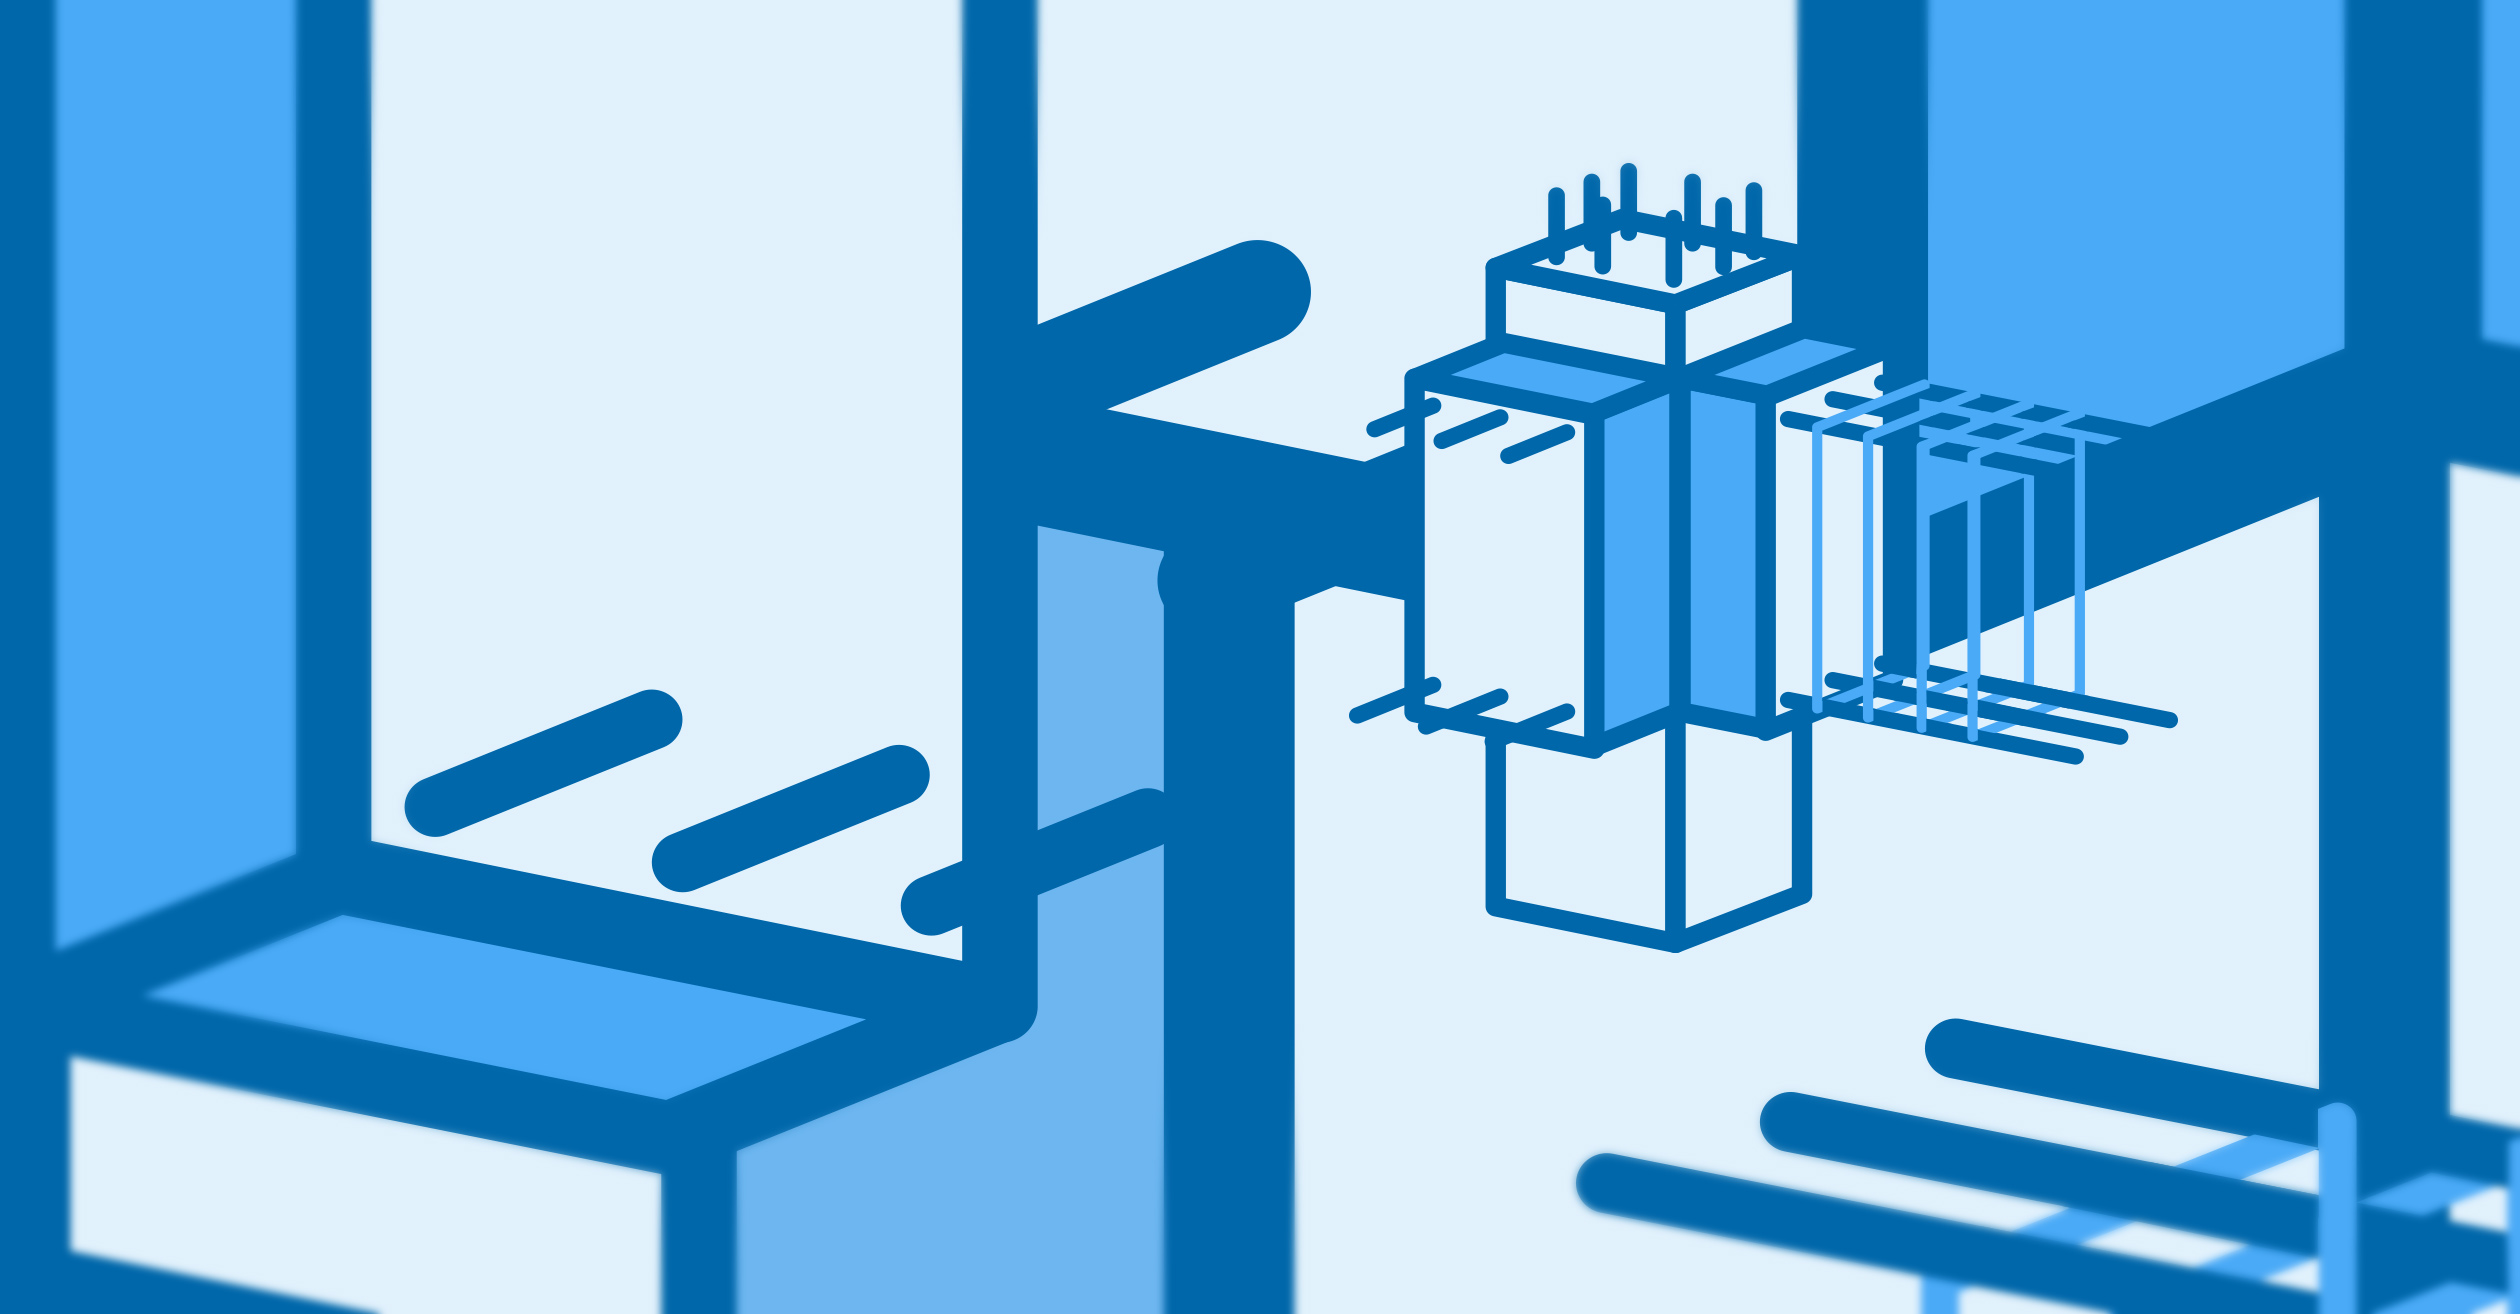 Il BIM Specialist strutture diventa un tecnico in grado di realizzare un progetto valido nella sostanza, conforme alle normative ed esportabile in formato standard e IFC.